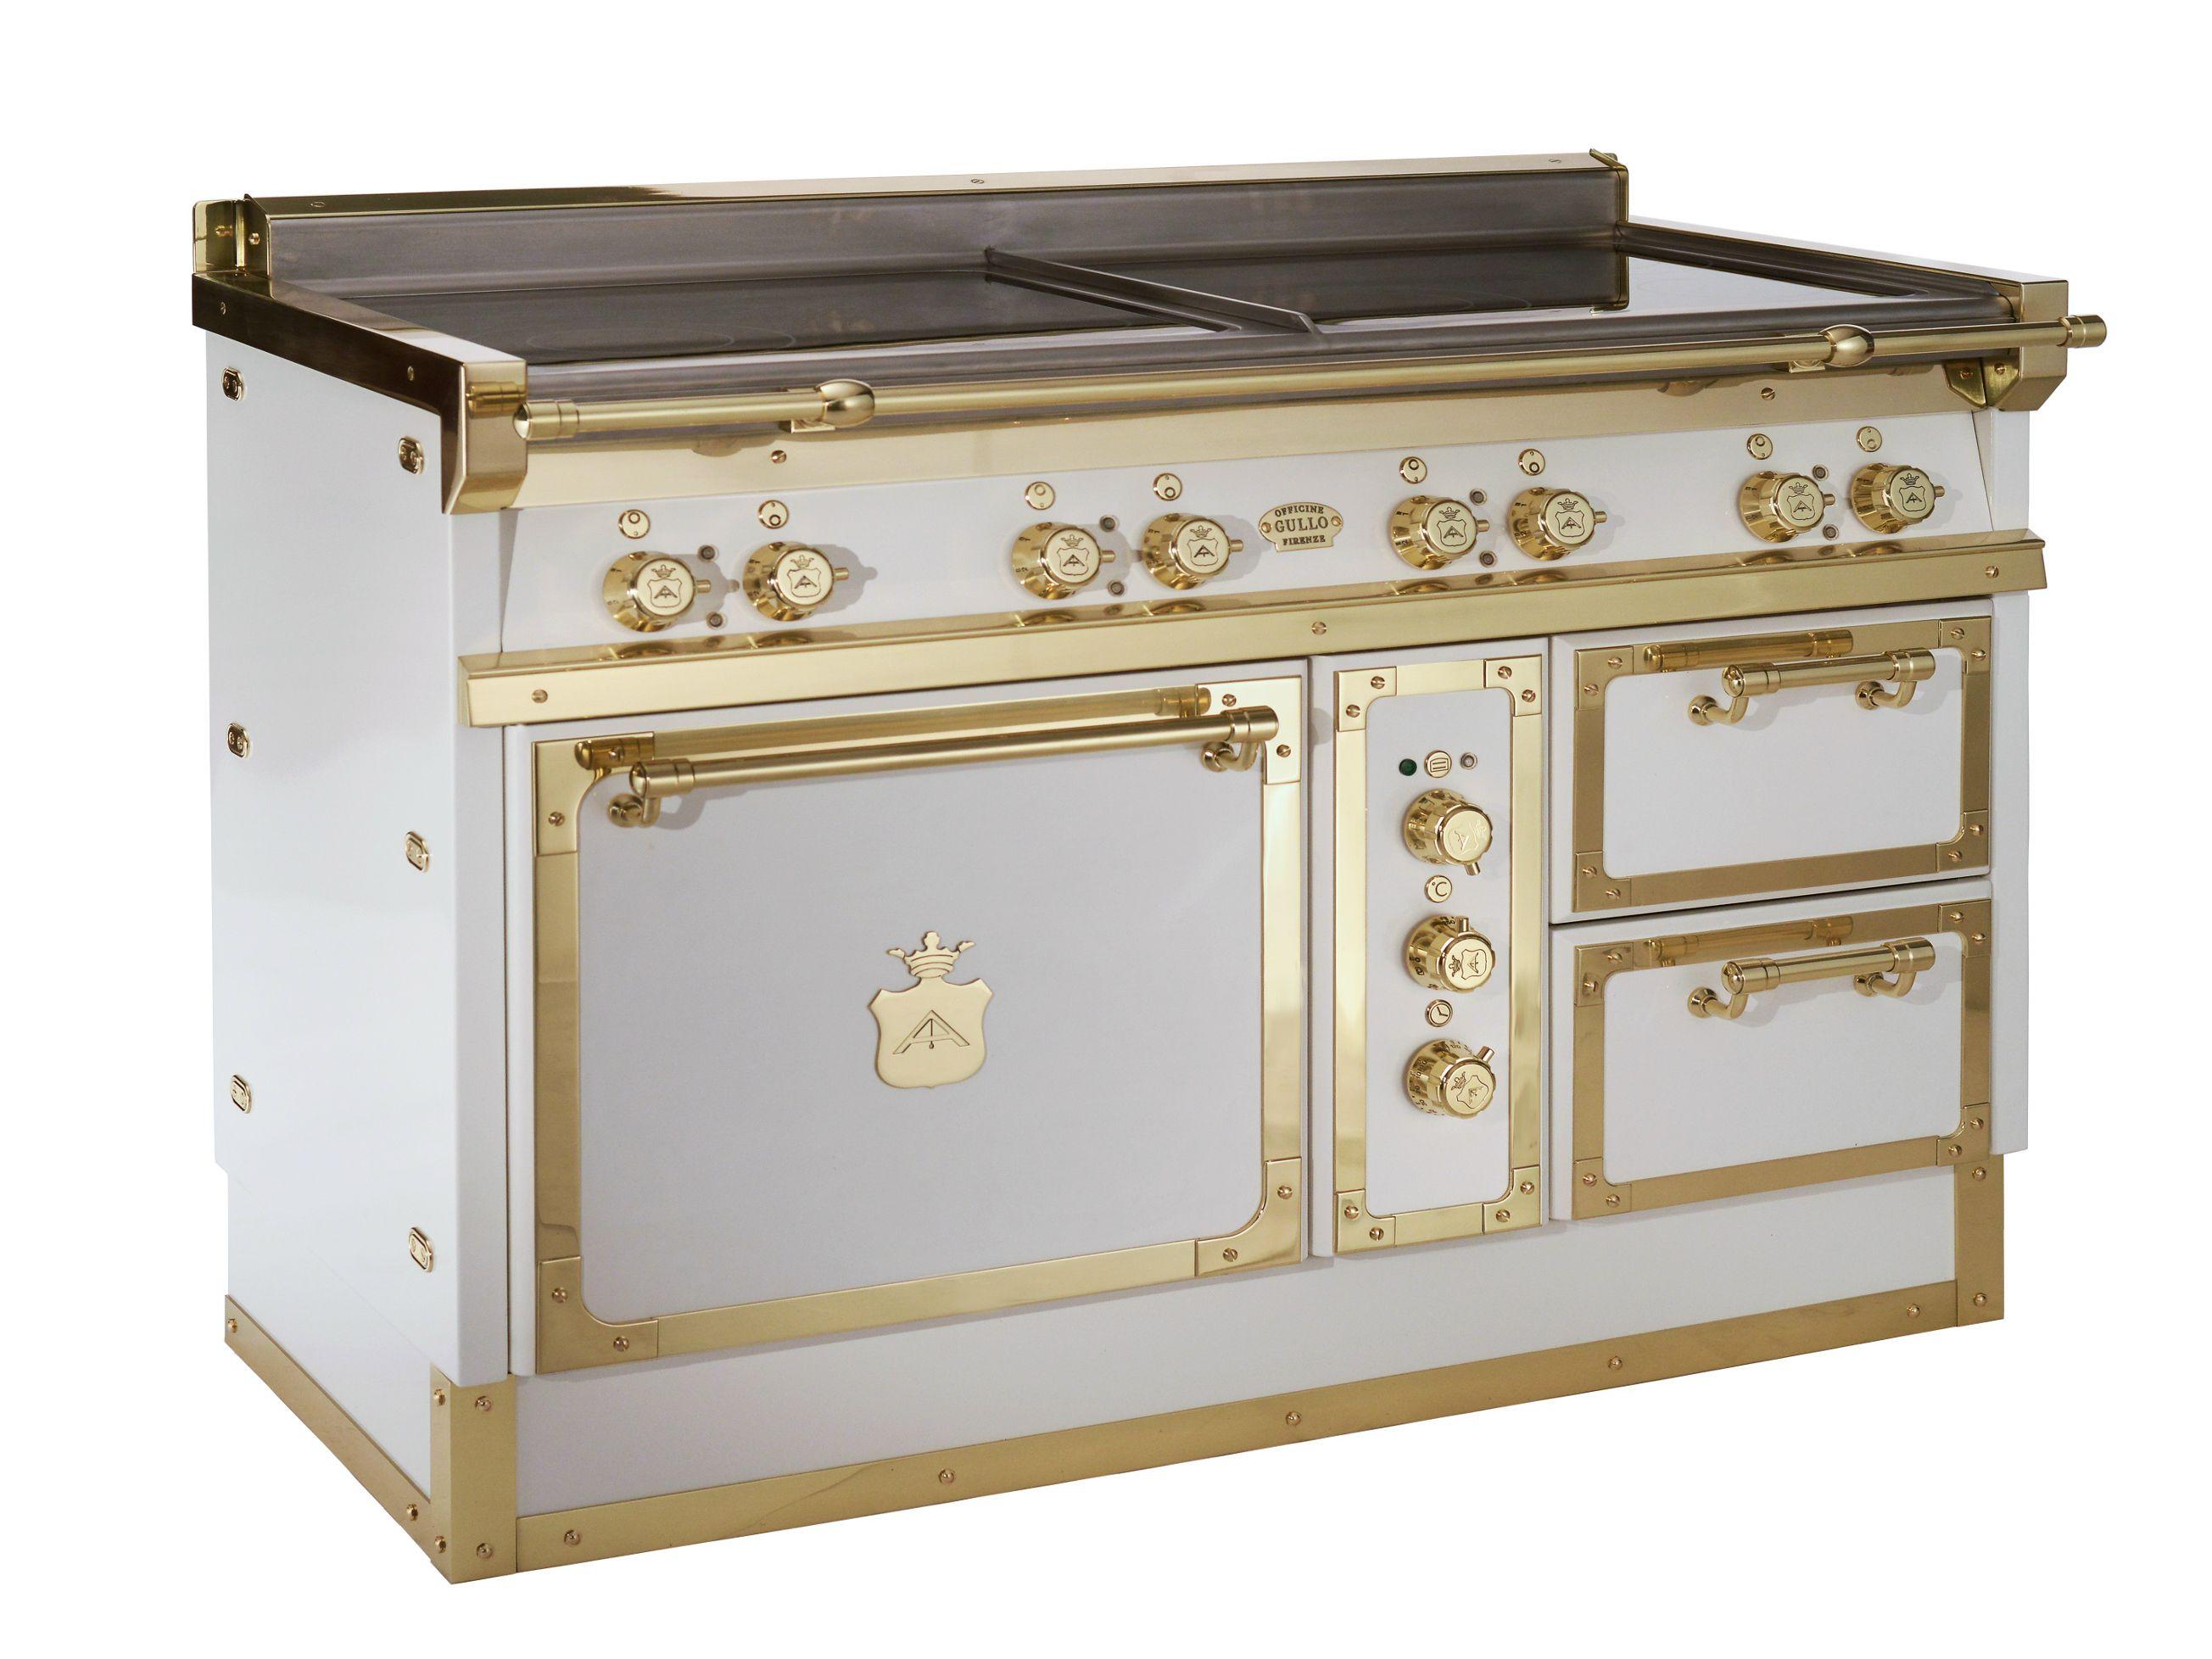 Cucina a libera installazione og128 bianco e ottone lucido by officine gullo - Officine gullo cucine prezzi ...